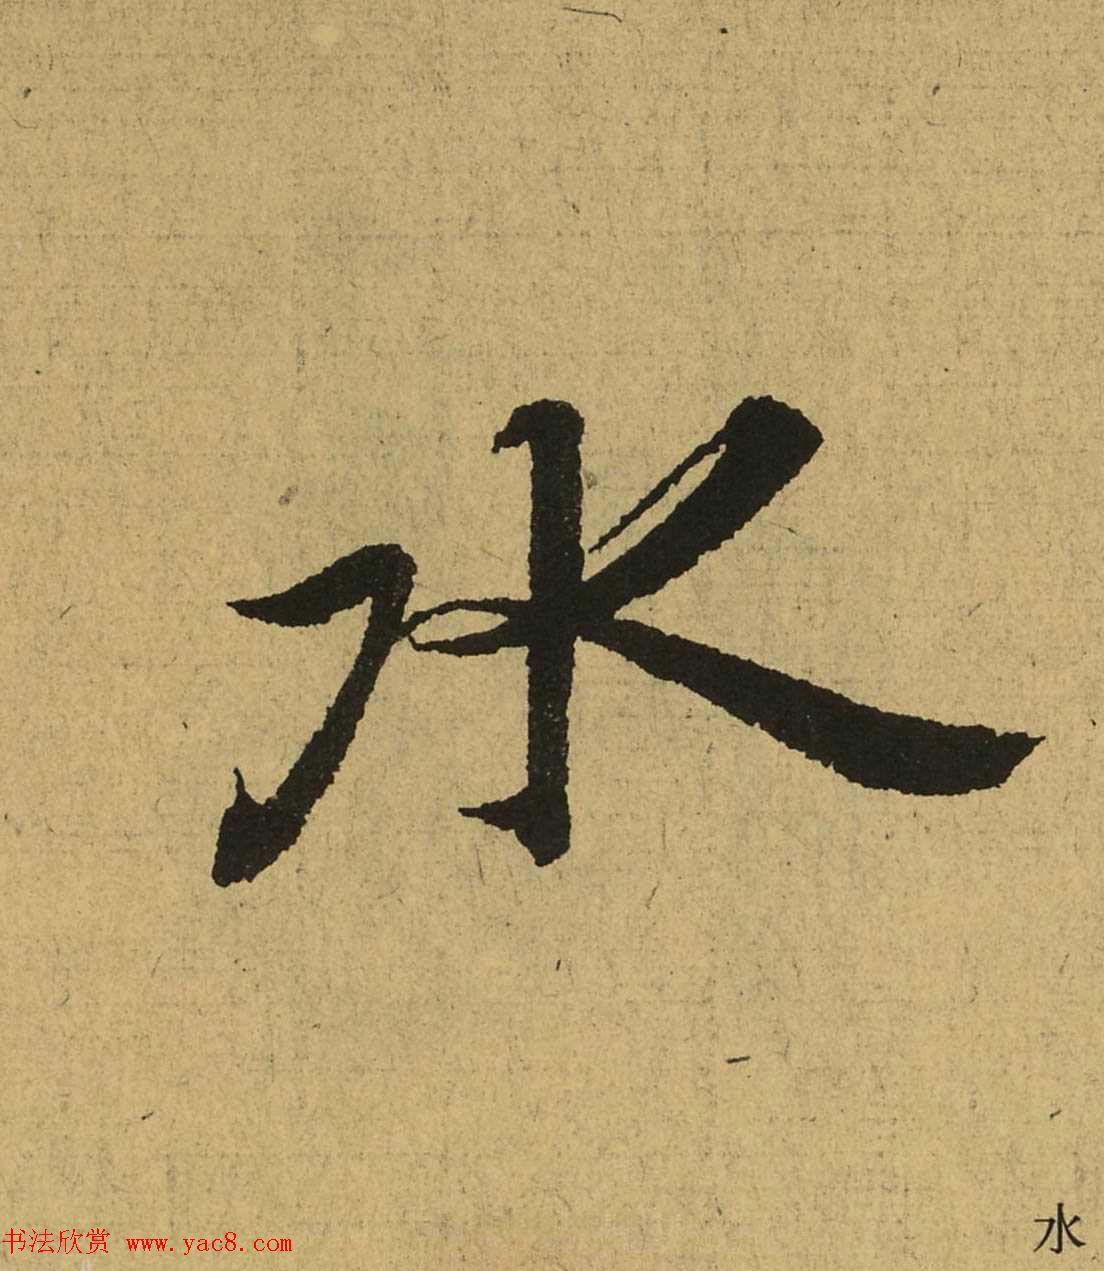 王羲之兰亭集序全文单字高清放大字帖 第13页 行书字帖 书法欣赏